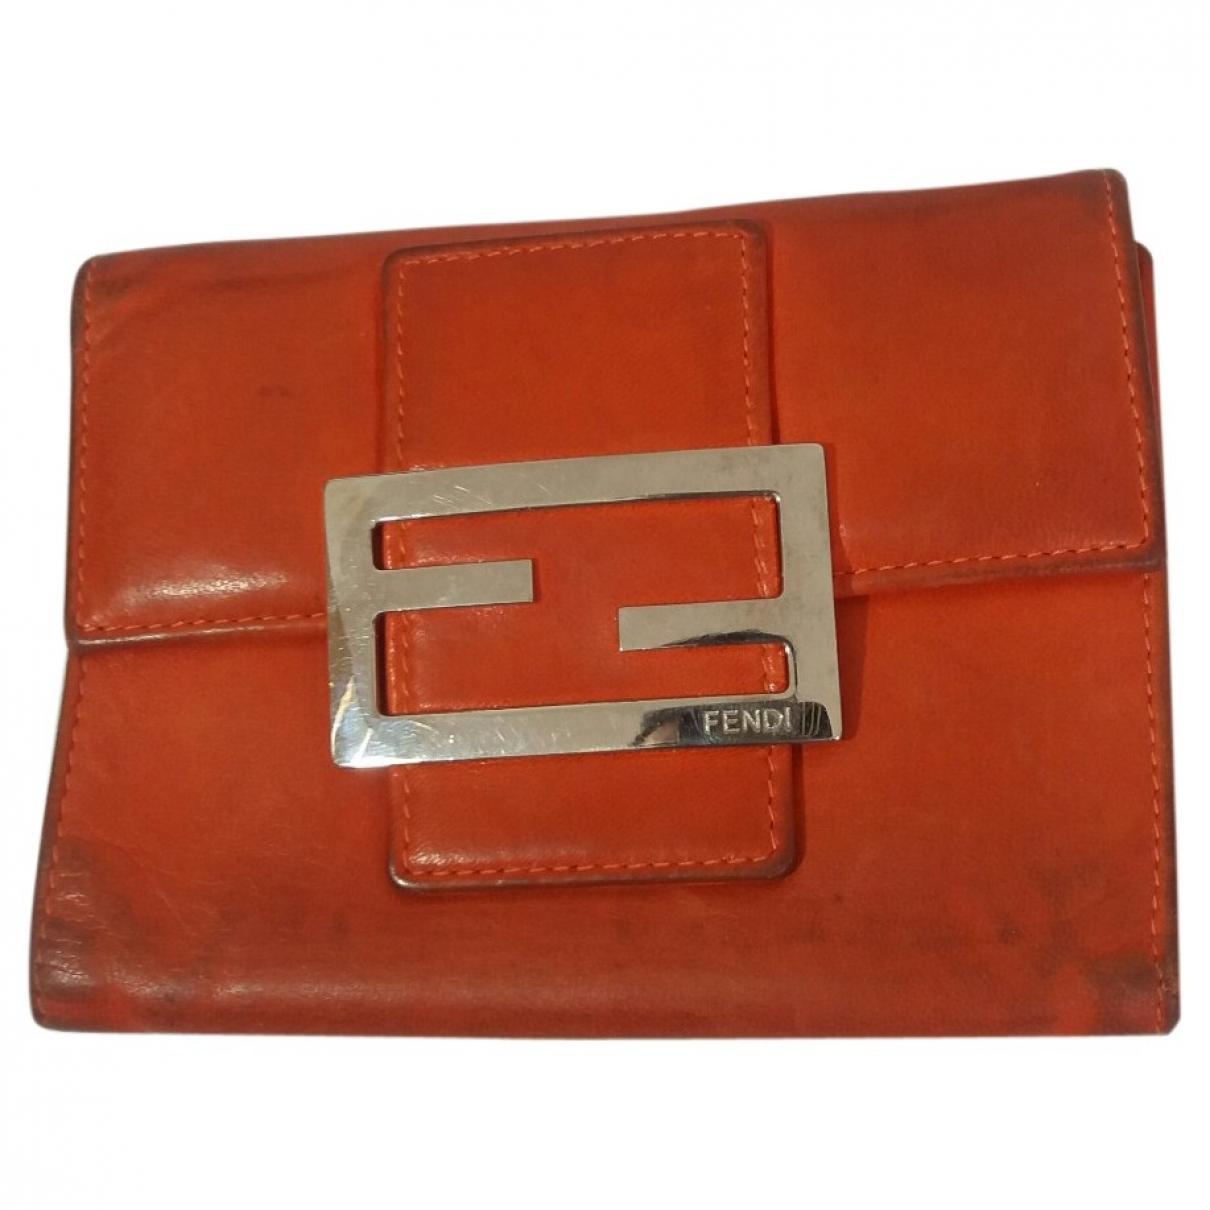 Fendi \N Orange Leather wallet for Women \N